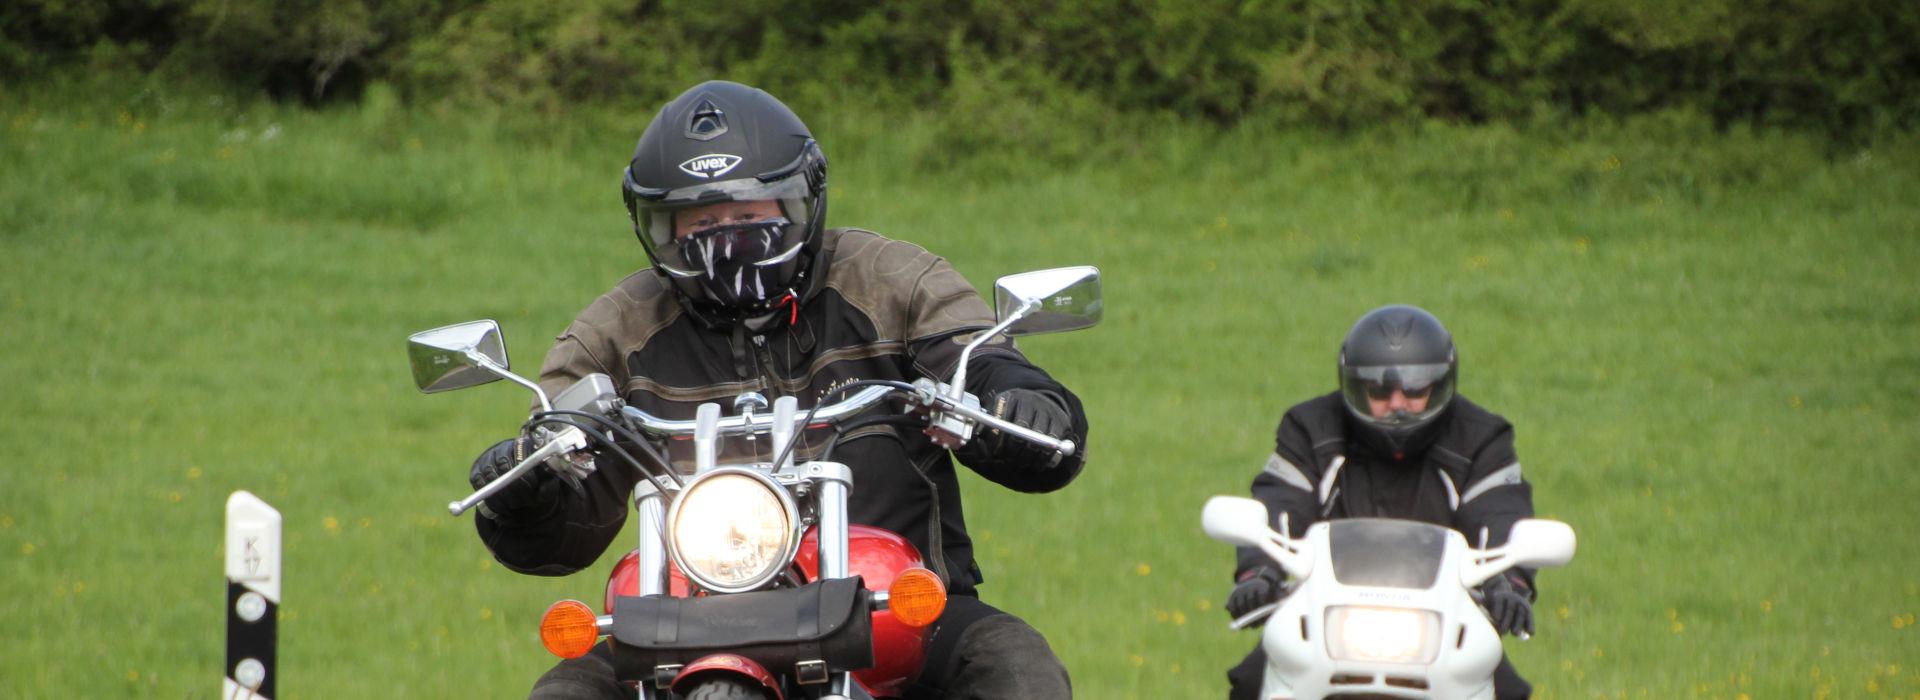 Motorrijschool Motorrijbewijspoint Sint Odilienberg motorrijlessen